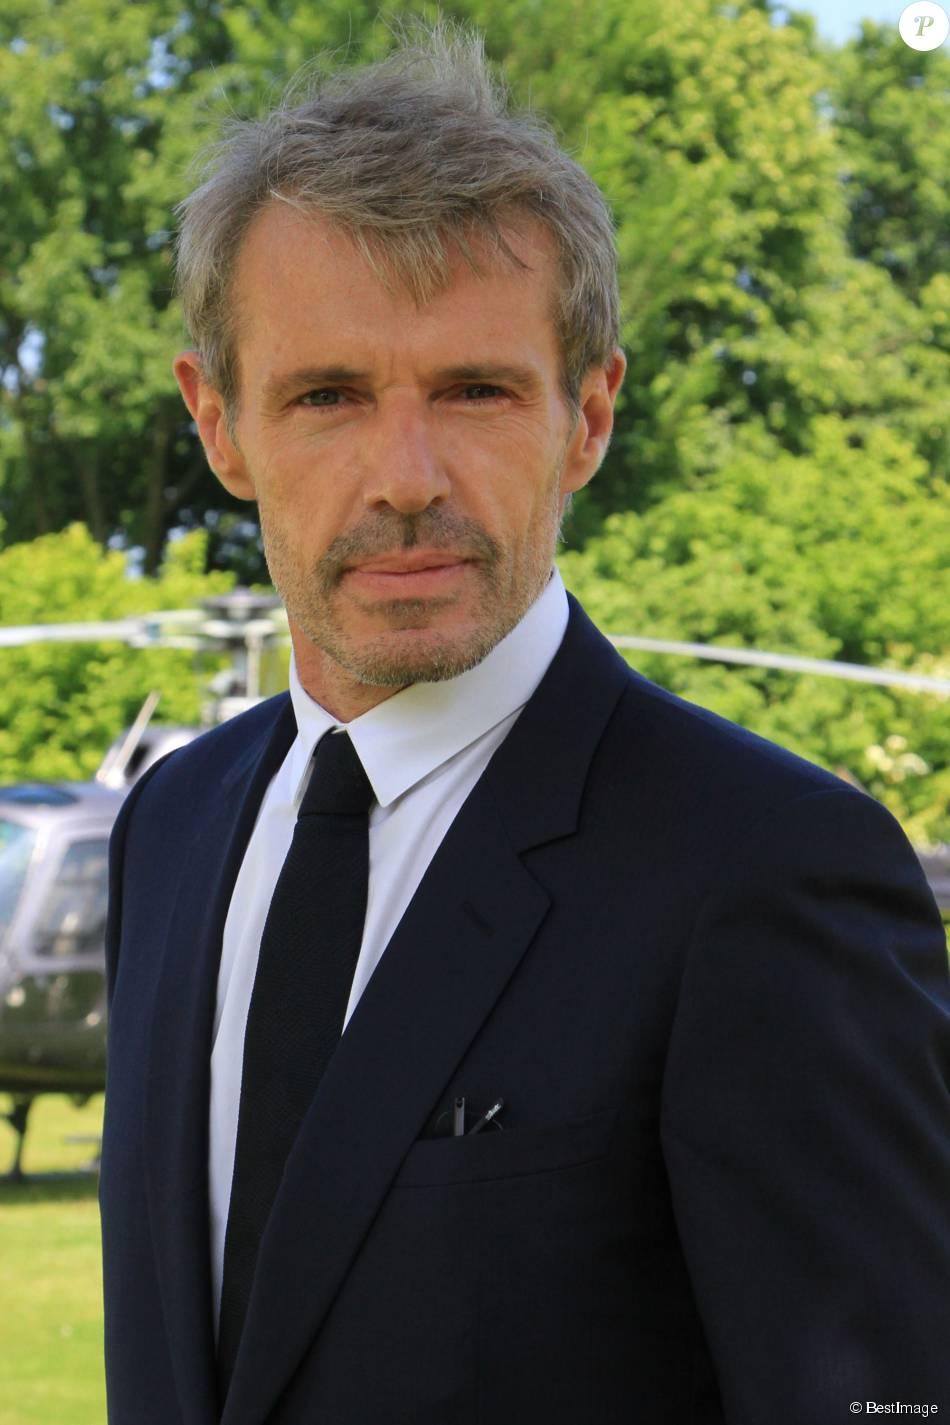 Lambert Wilson, sur le tournage du film  Confessions  à Heiligendamm, en Allemagne le 29 juin 2015